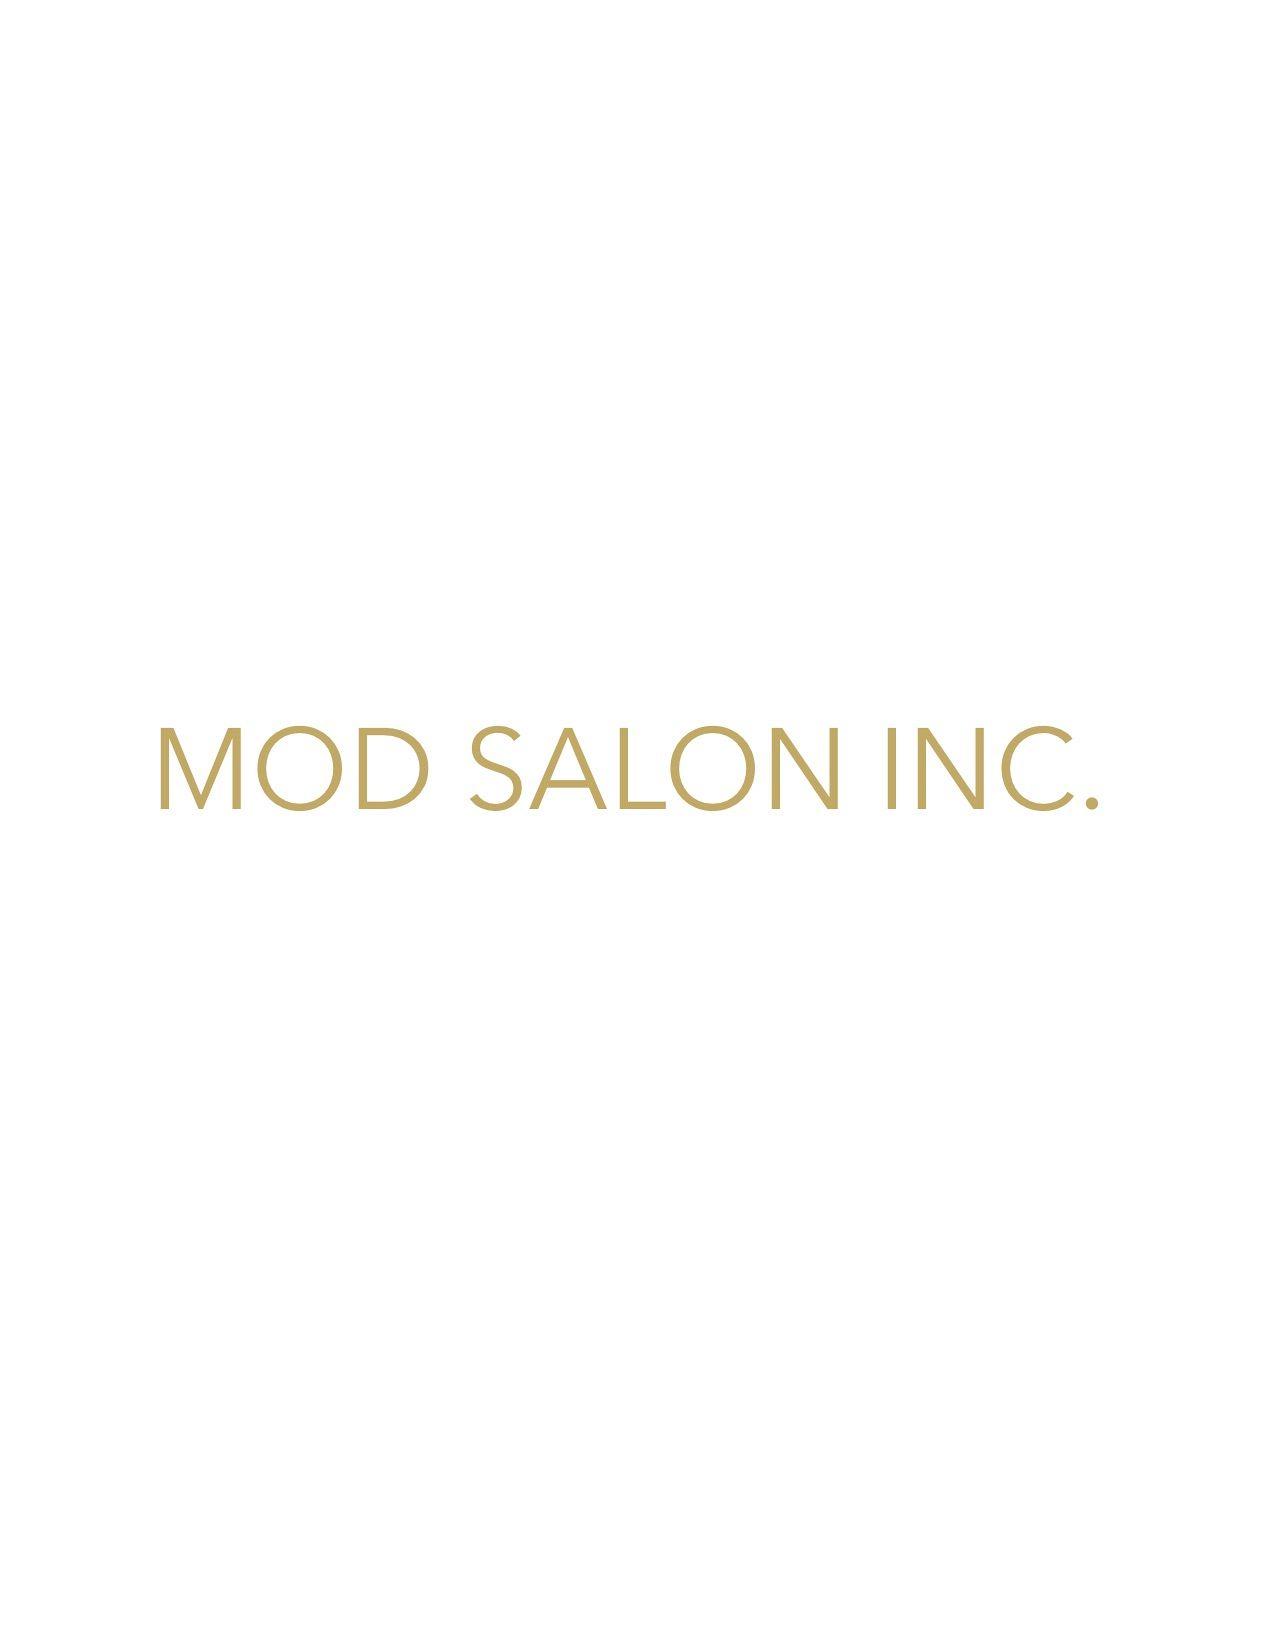 Mod Salon Inc.